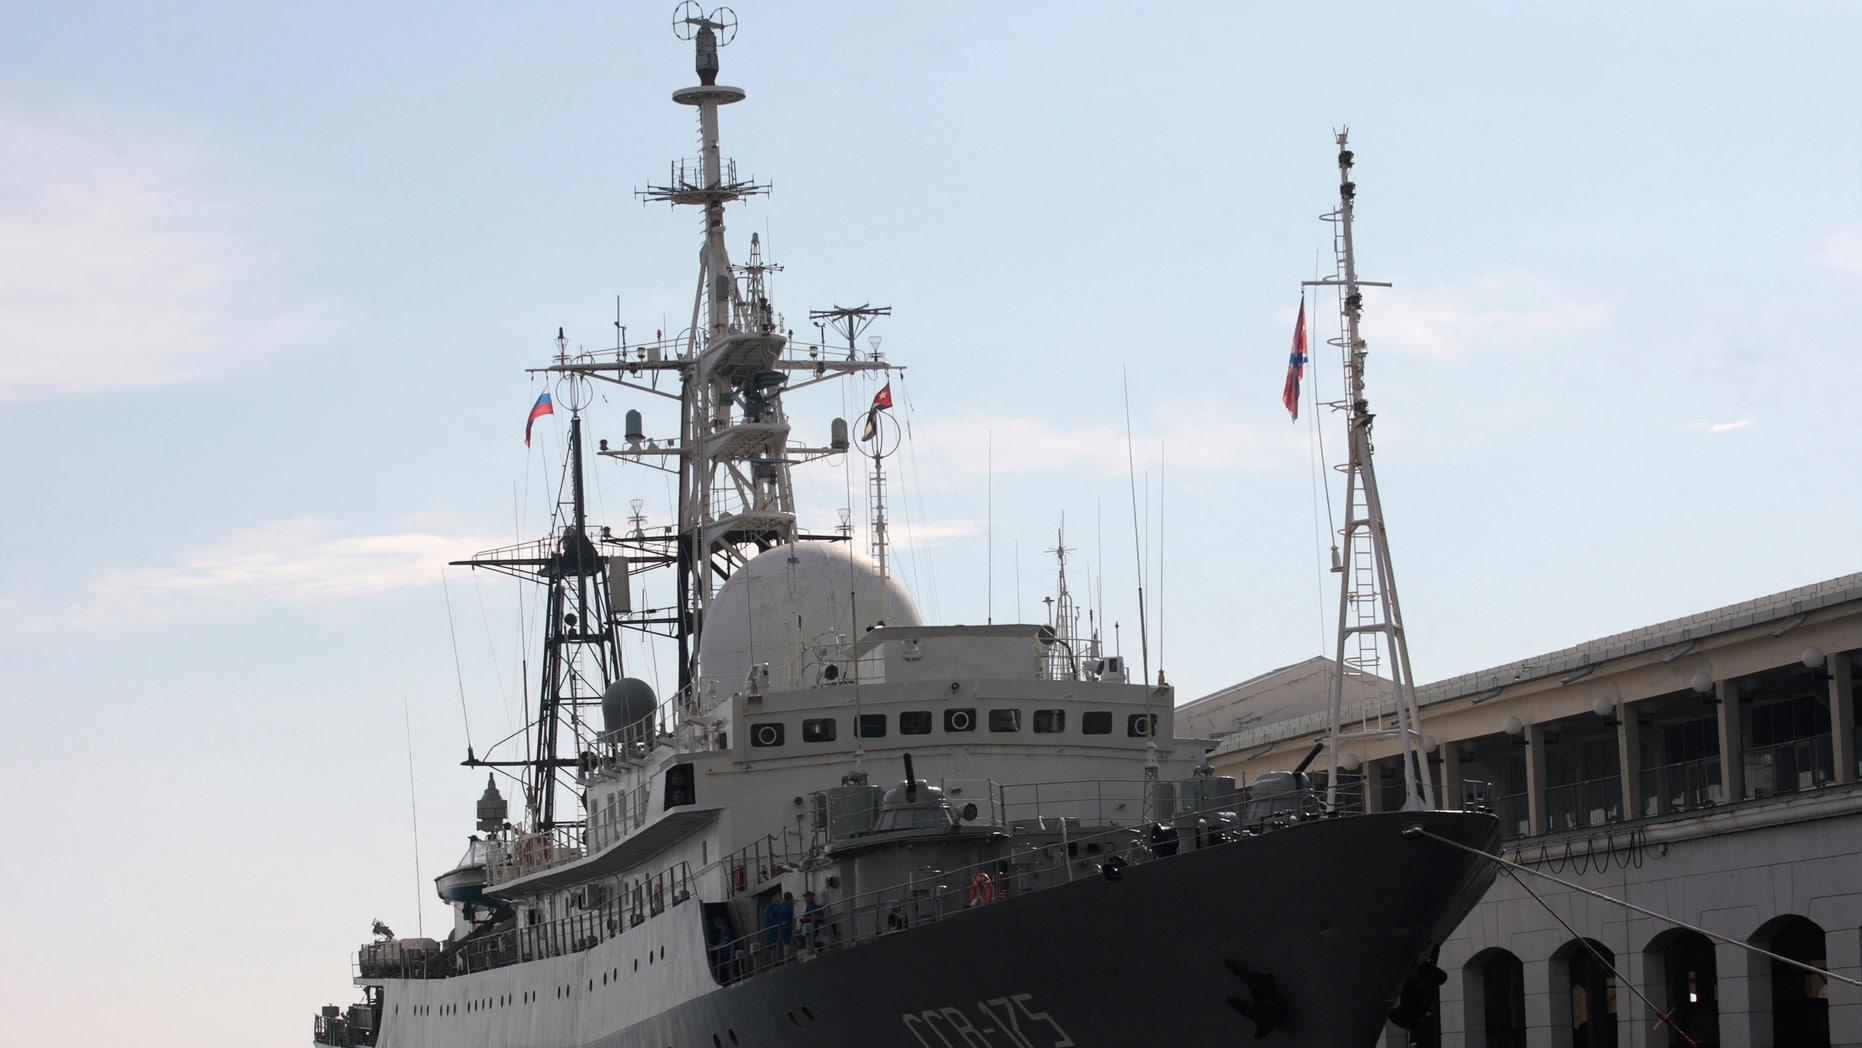 Feb. 27, 2014: A Russian spy ship Viktor Leonov SSV-175, is seen docked at a Havana port.